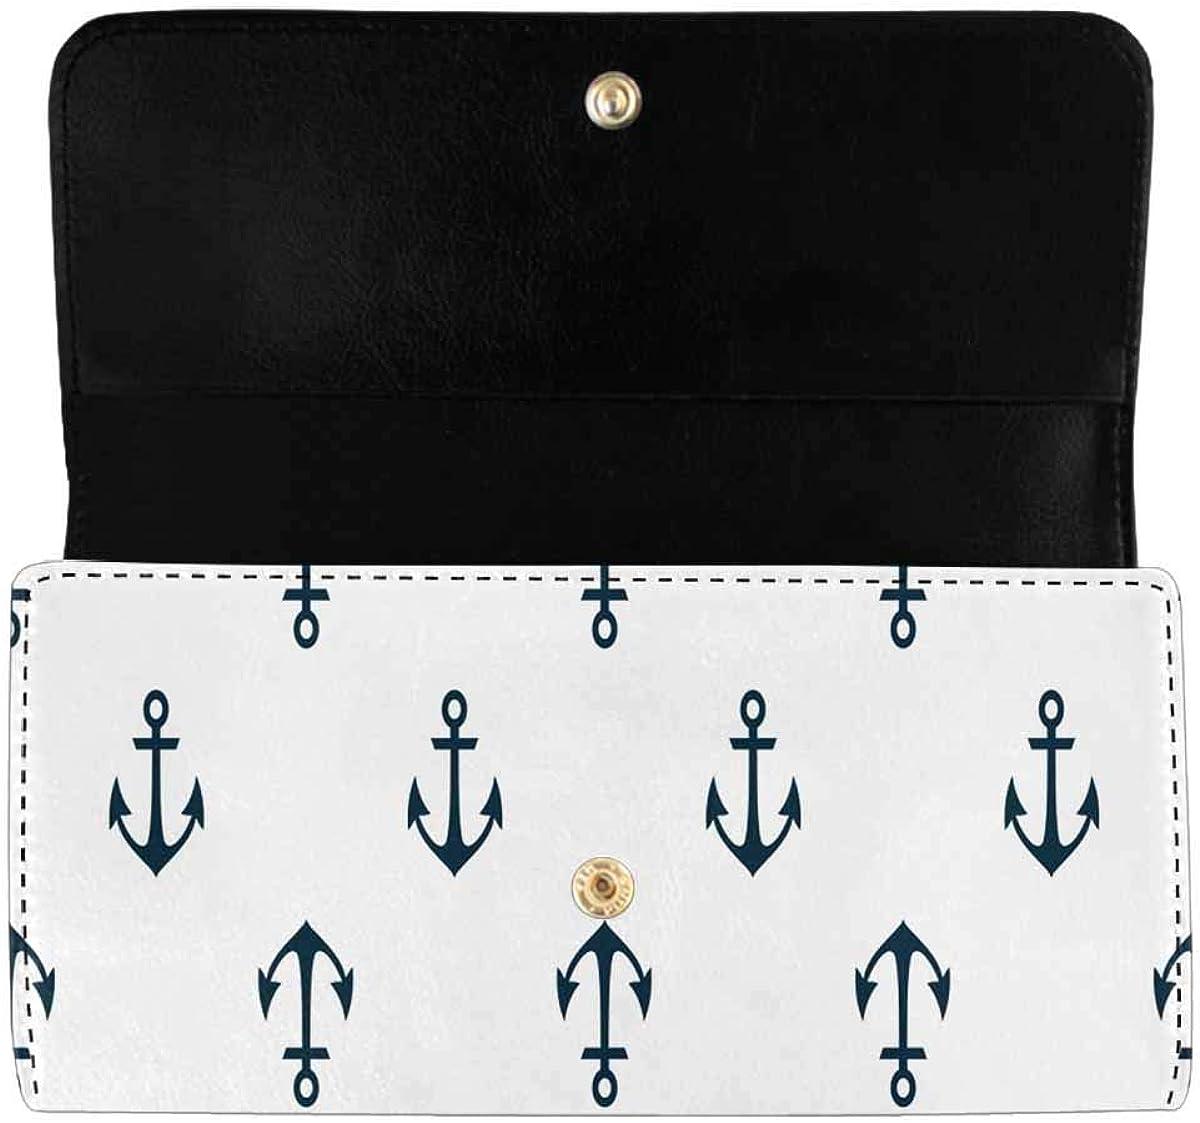 InterestPrint Women's Trifold Long Clutch Wallets Anchors Summer Ocean Card Holder Purses